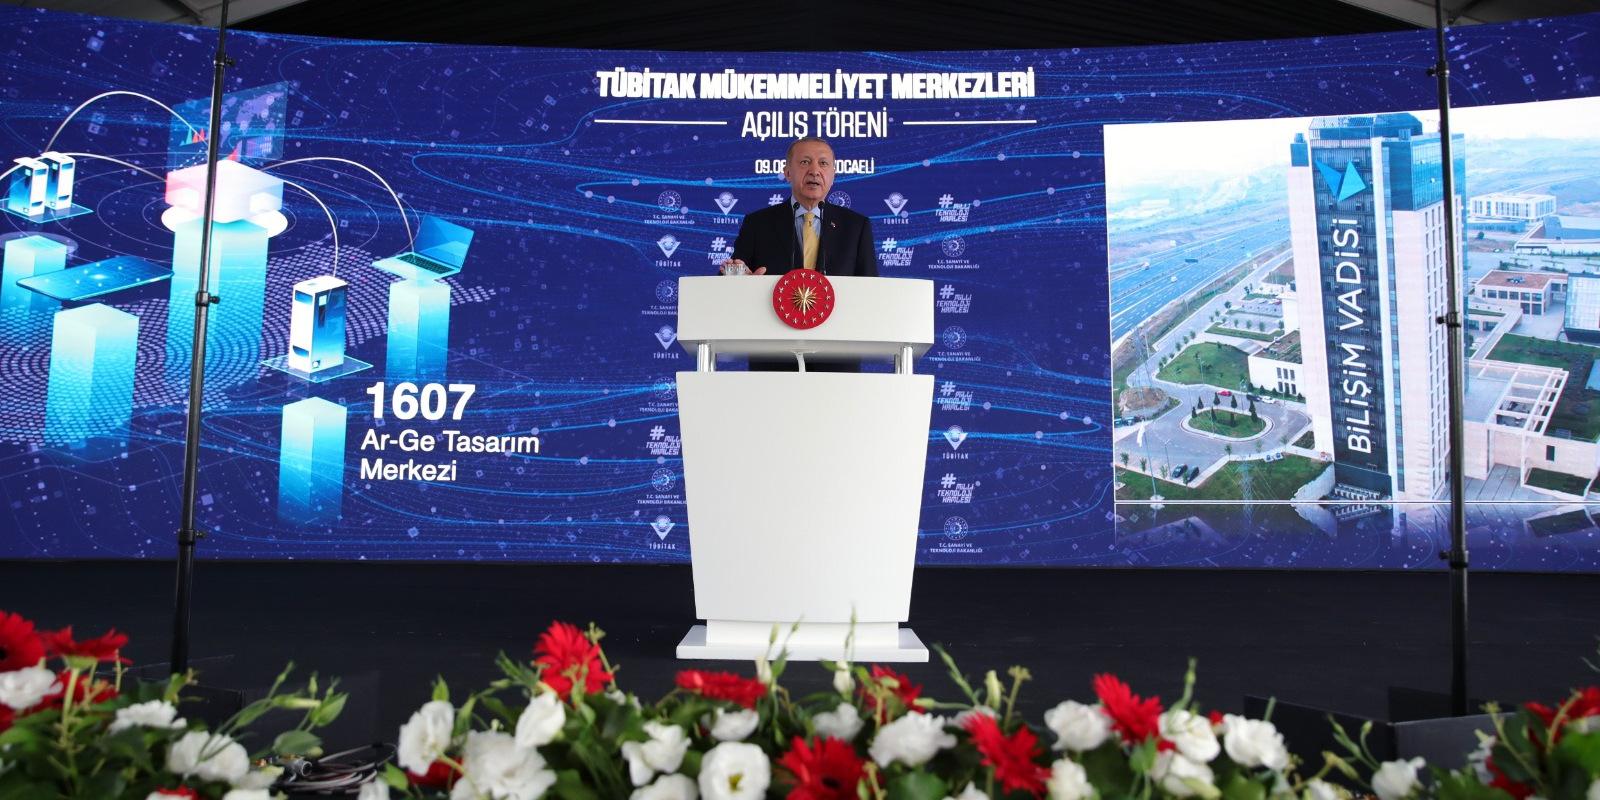 Türkiye korona aşısı çalışmalarında insanlar üzerinde klinik aşamaya geldi